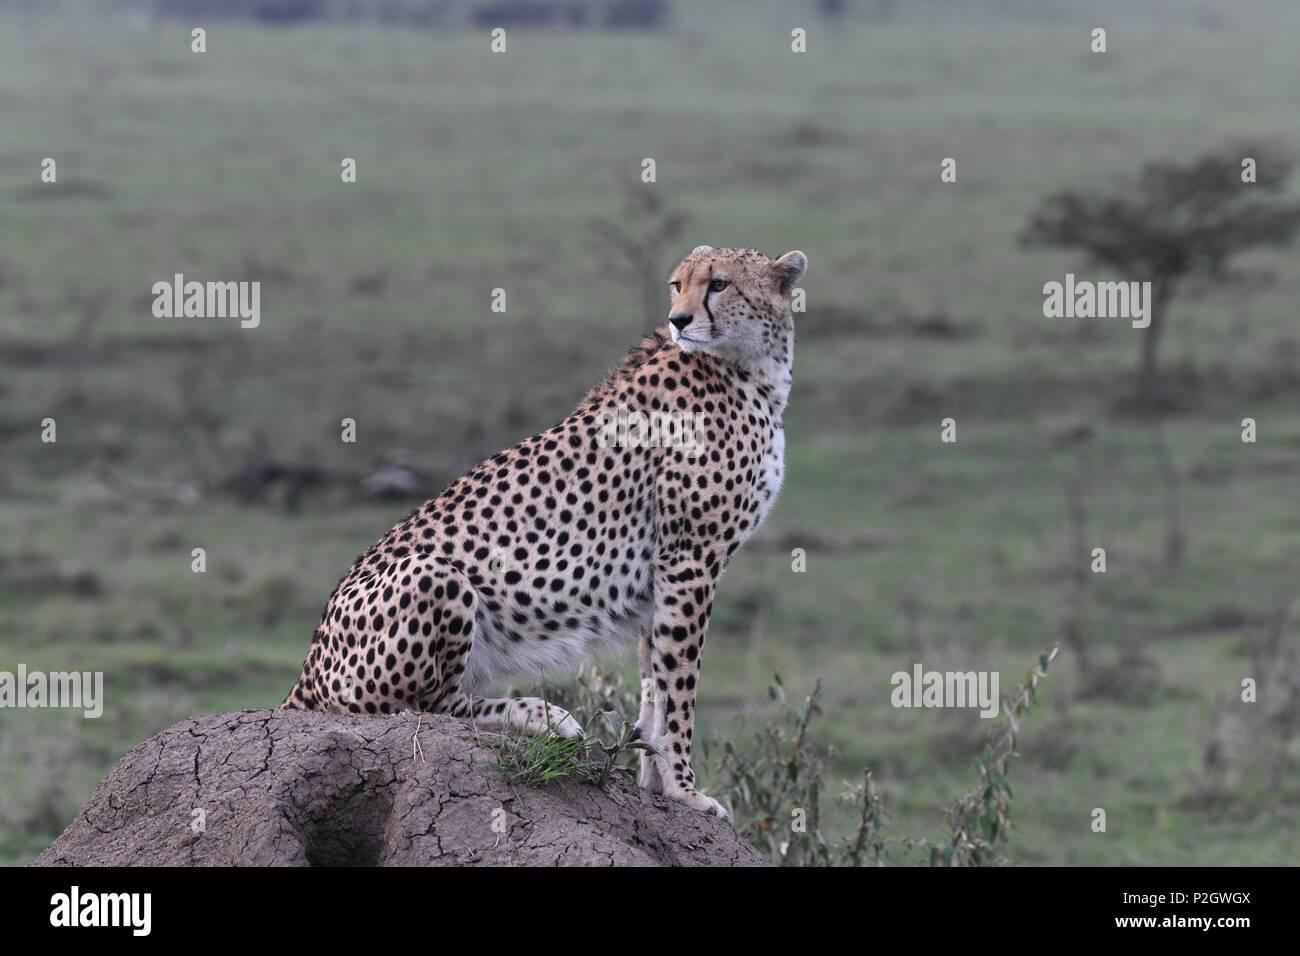 Lone cheetah seduta sul verde del Masai Mara savannah in cerca di prede. Foto scattata la mattina presto, zona di Olare Motorogi Conservancy. Acinonyx jubatus Immagini Stock